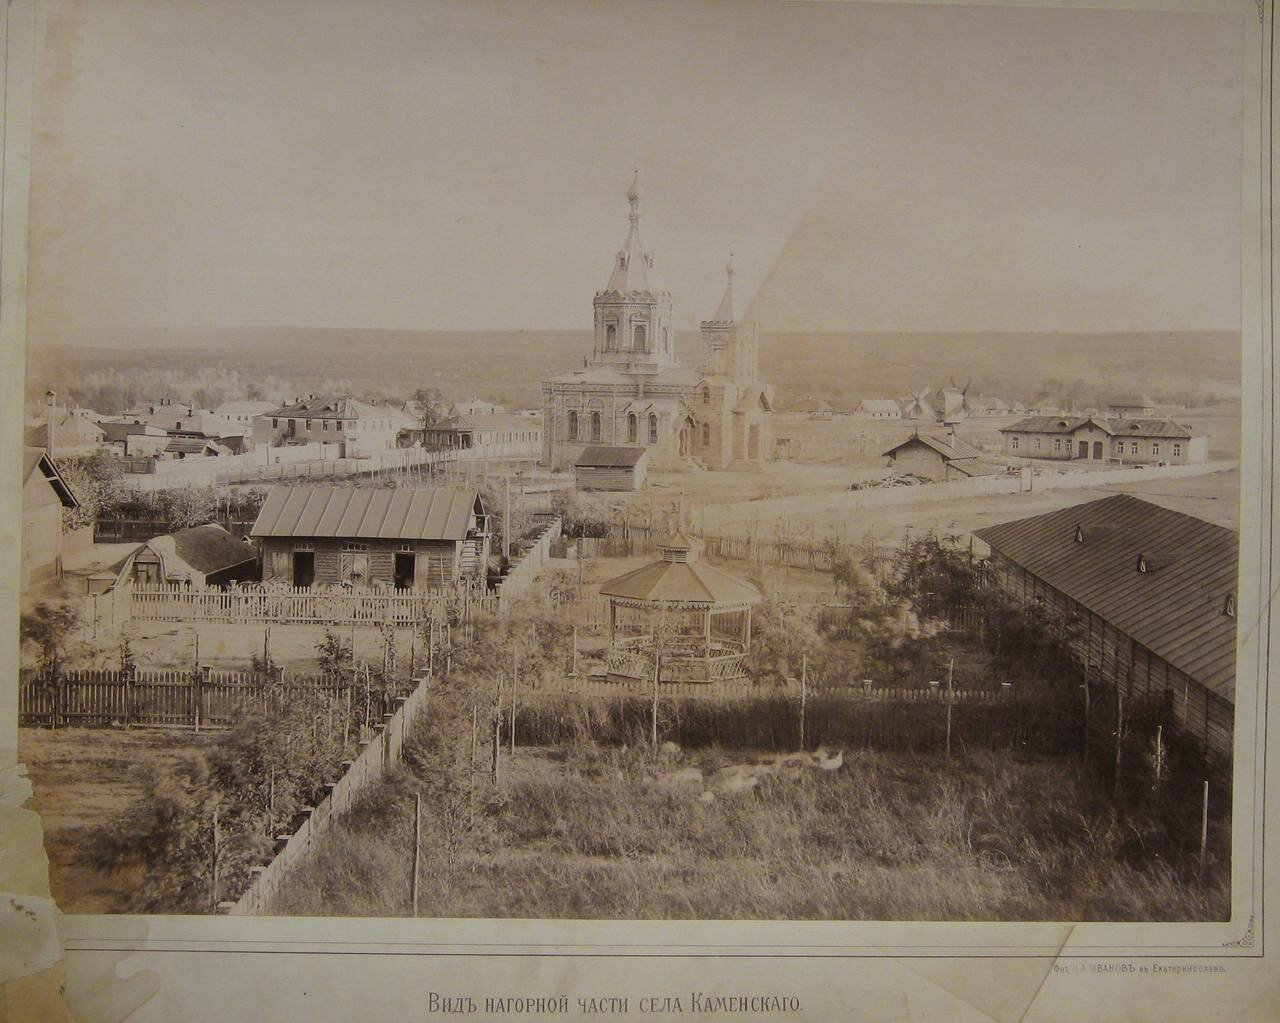 Вид нагорной части села Каменского